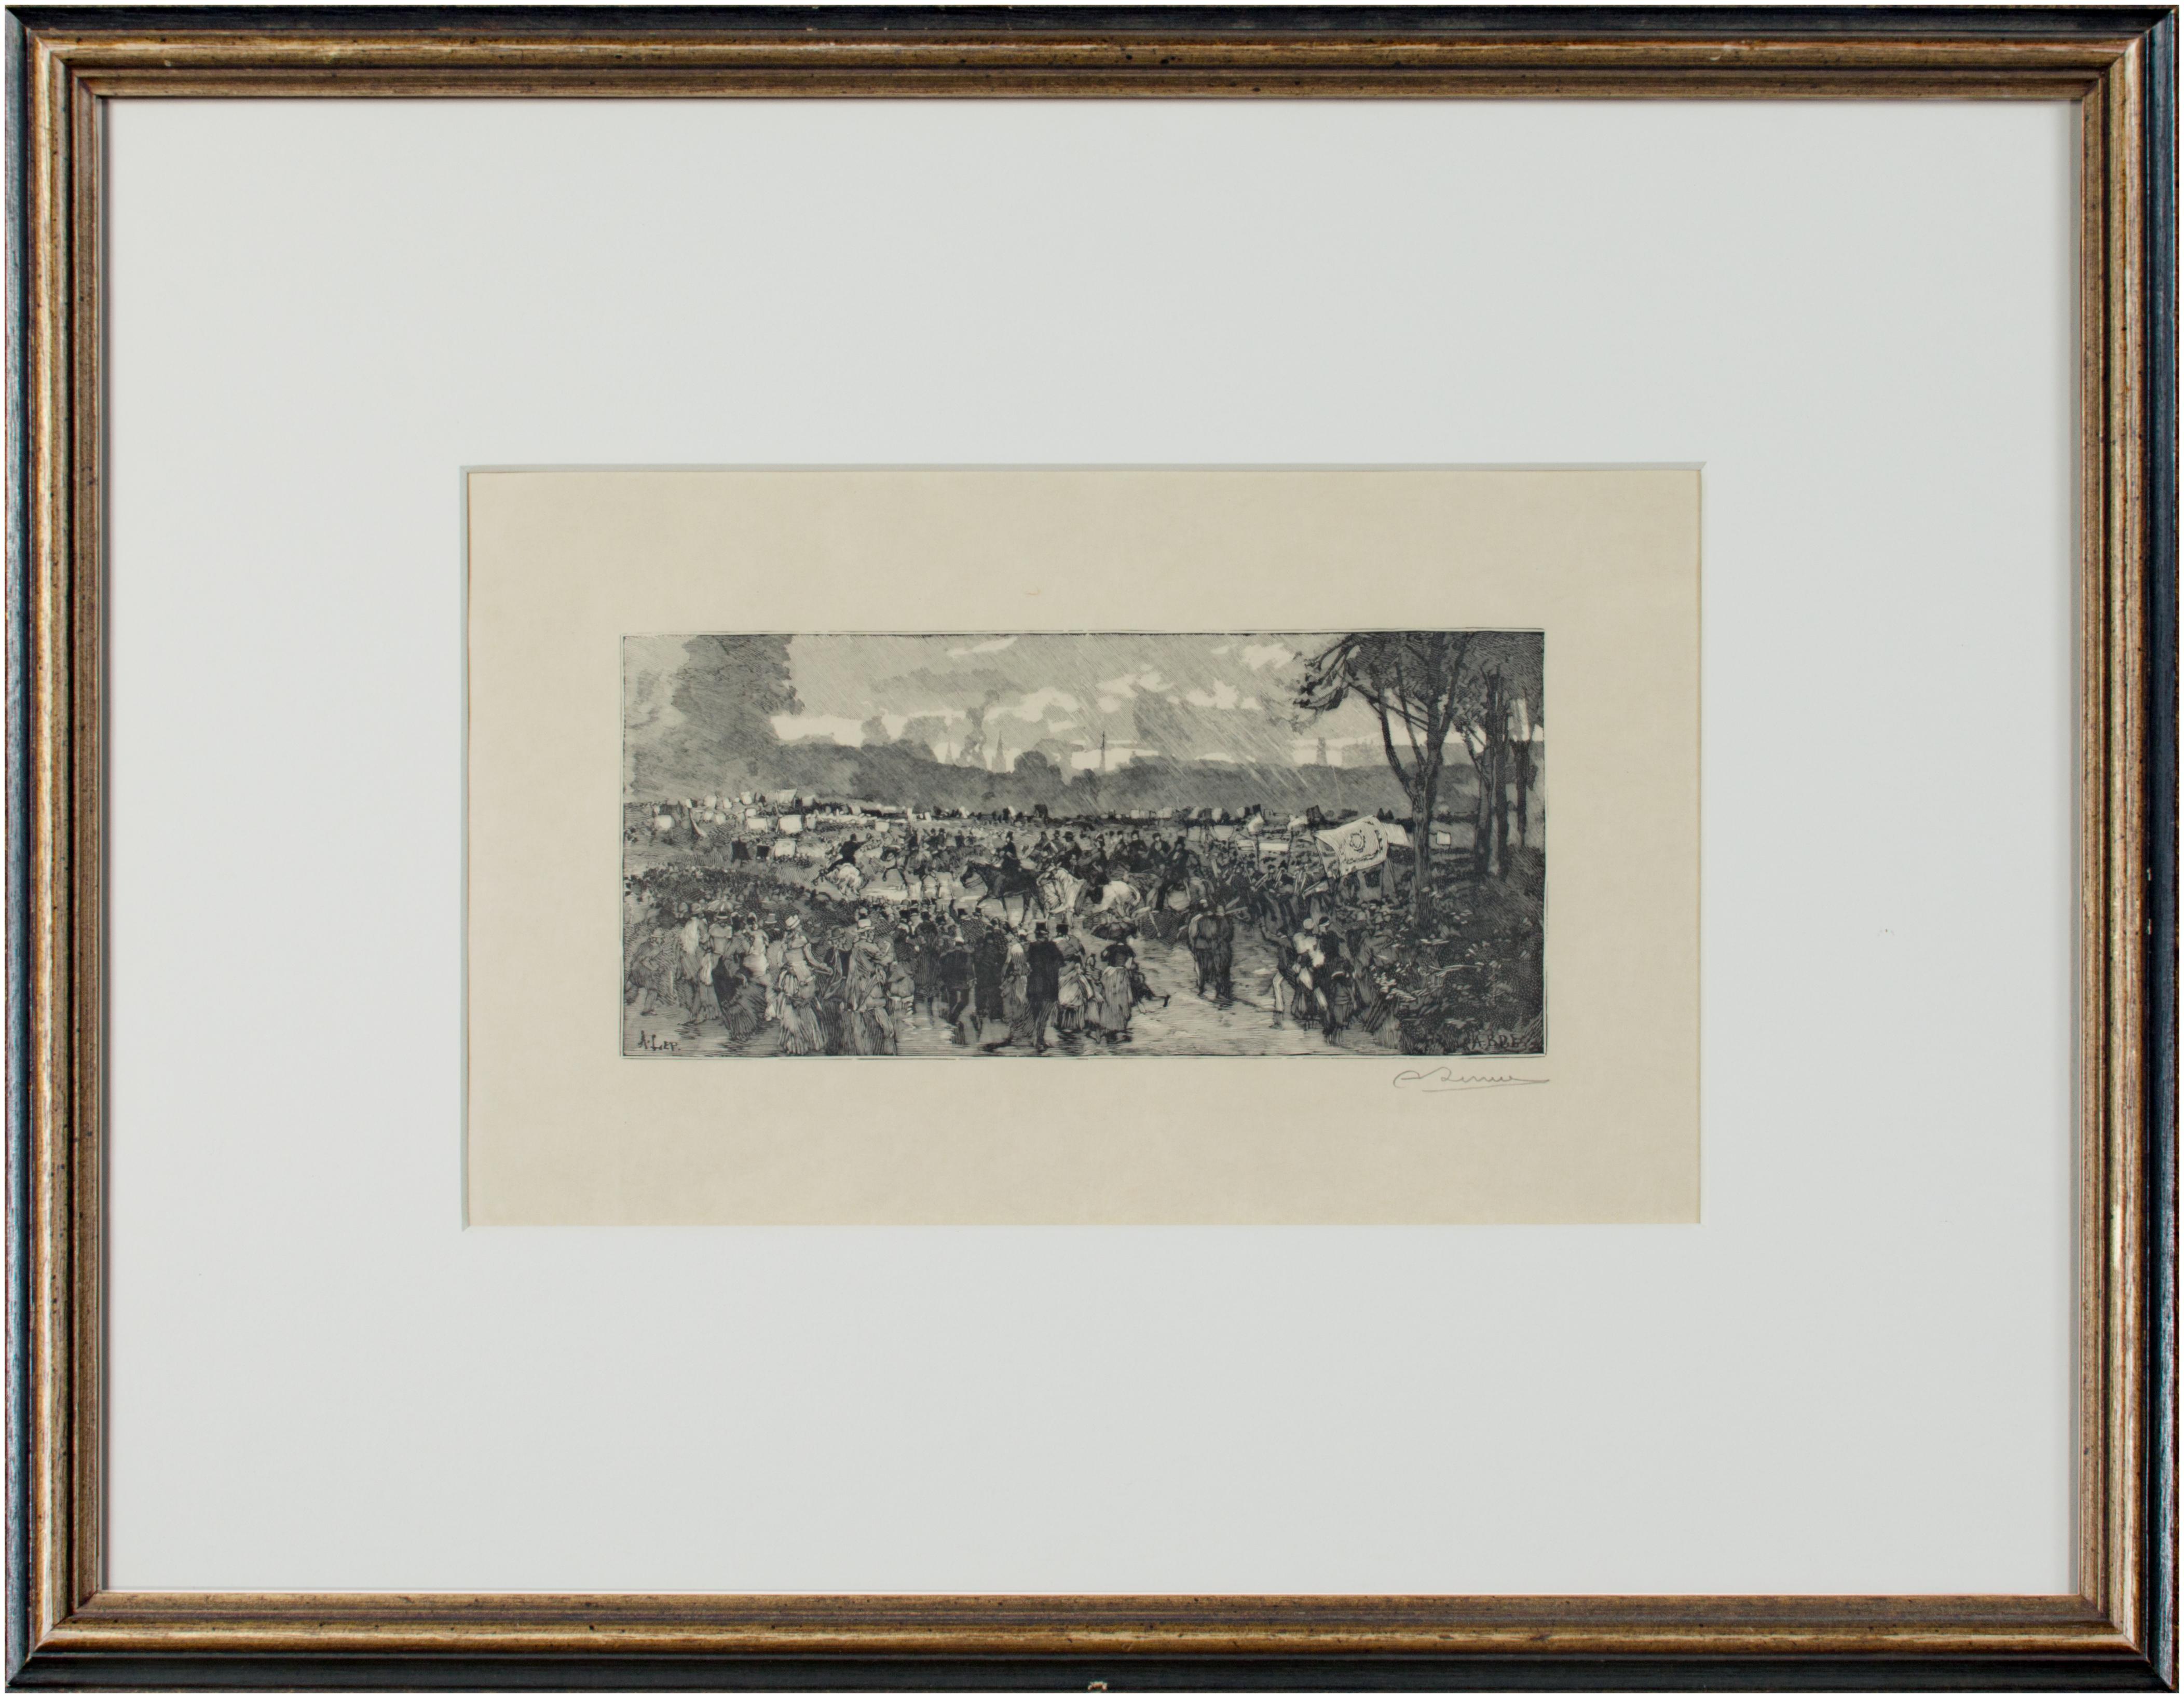 'Hyde Park' original woodcut engraving signed by Auguste Louis Lepère